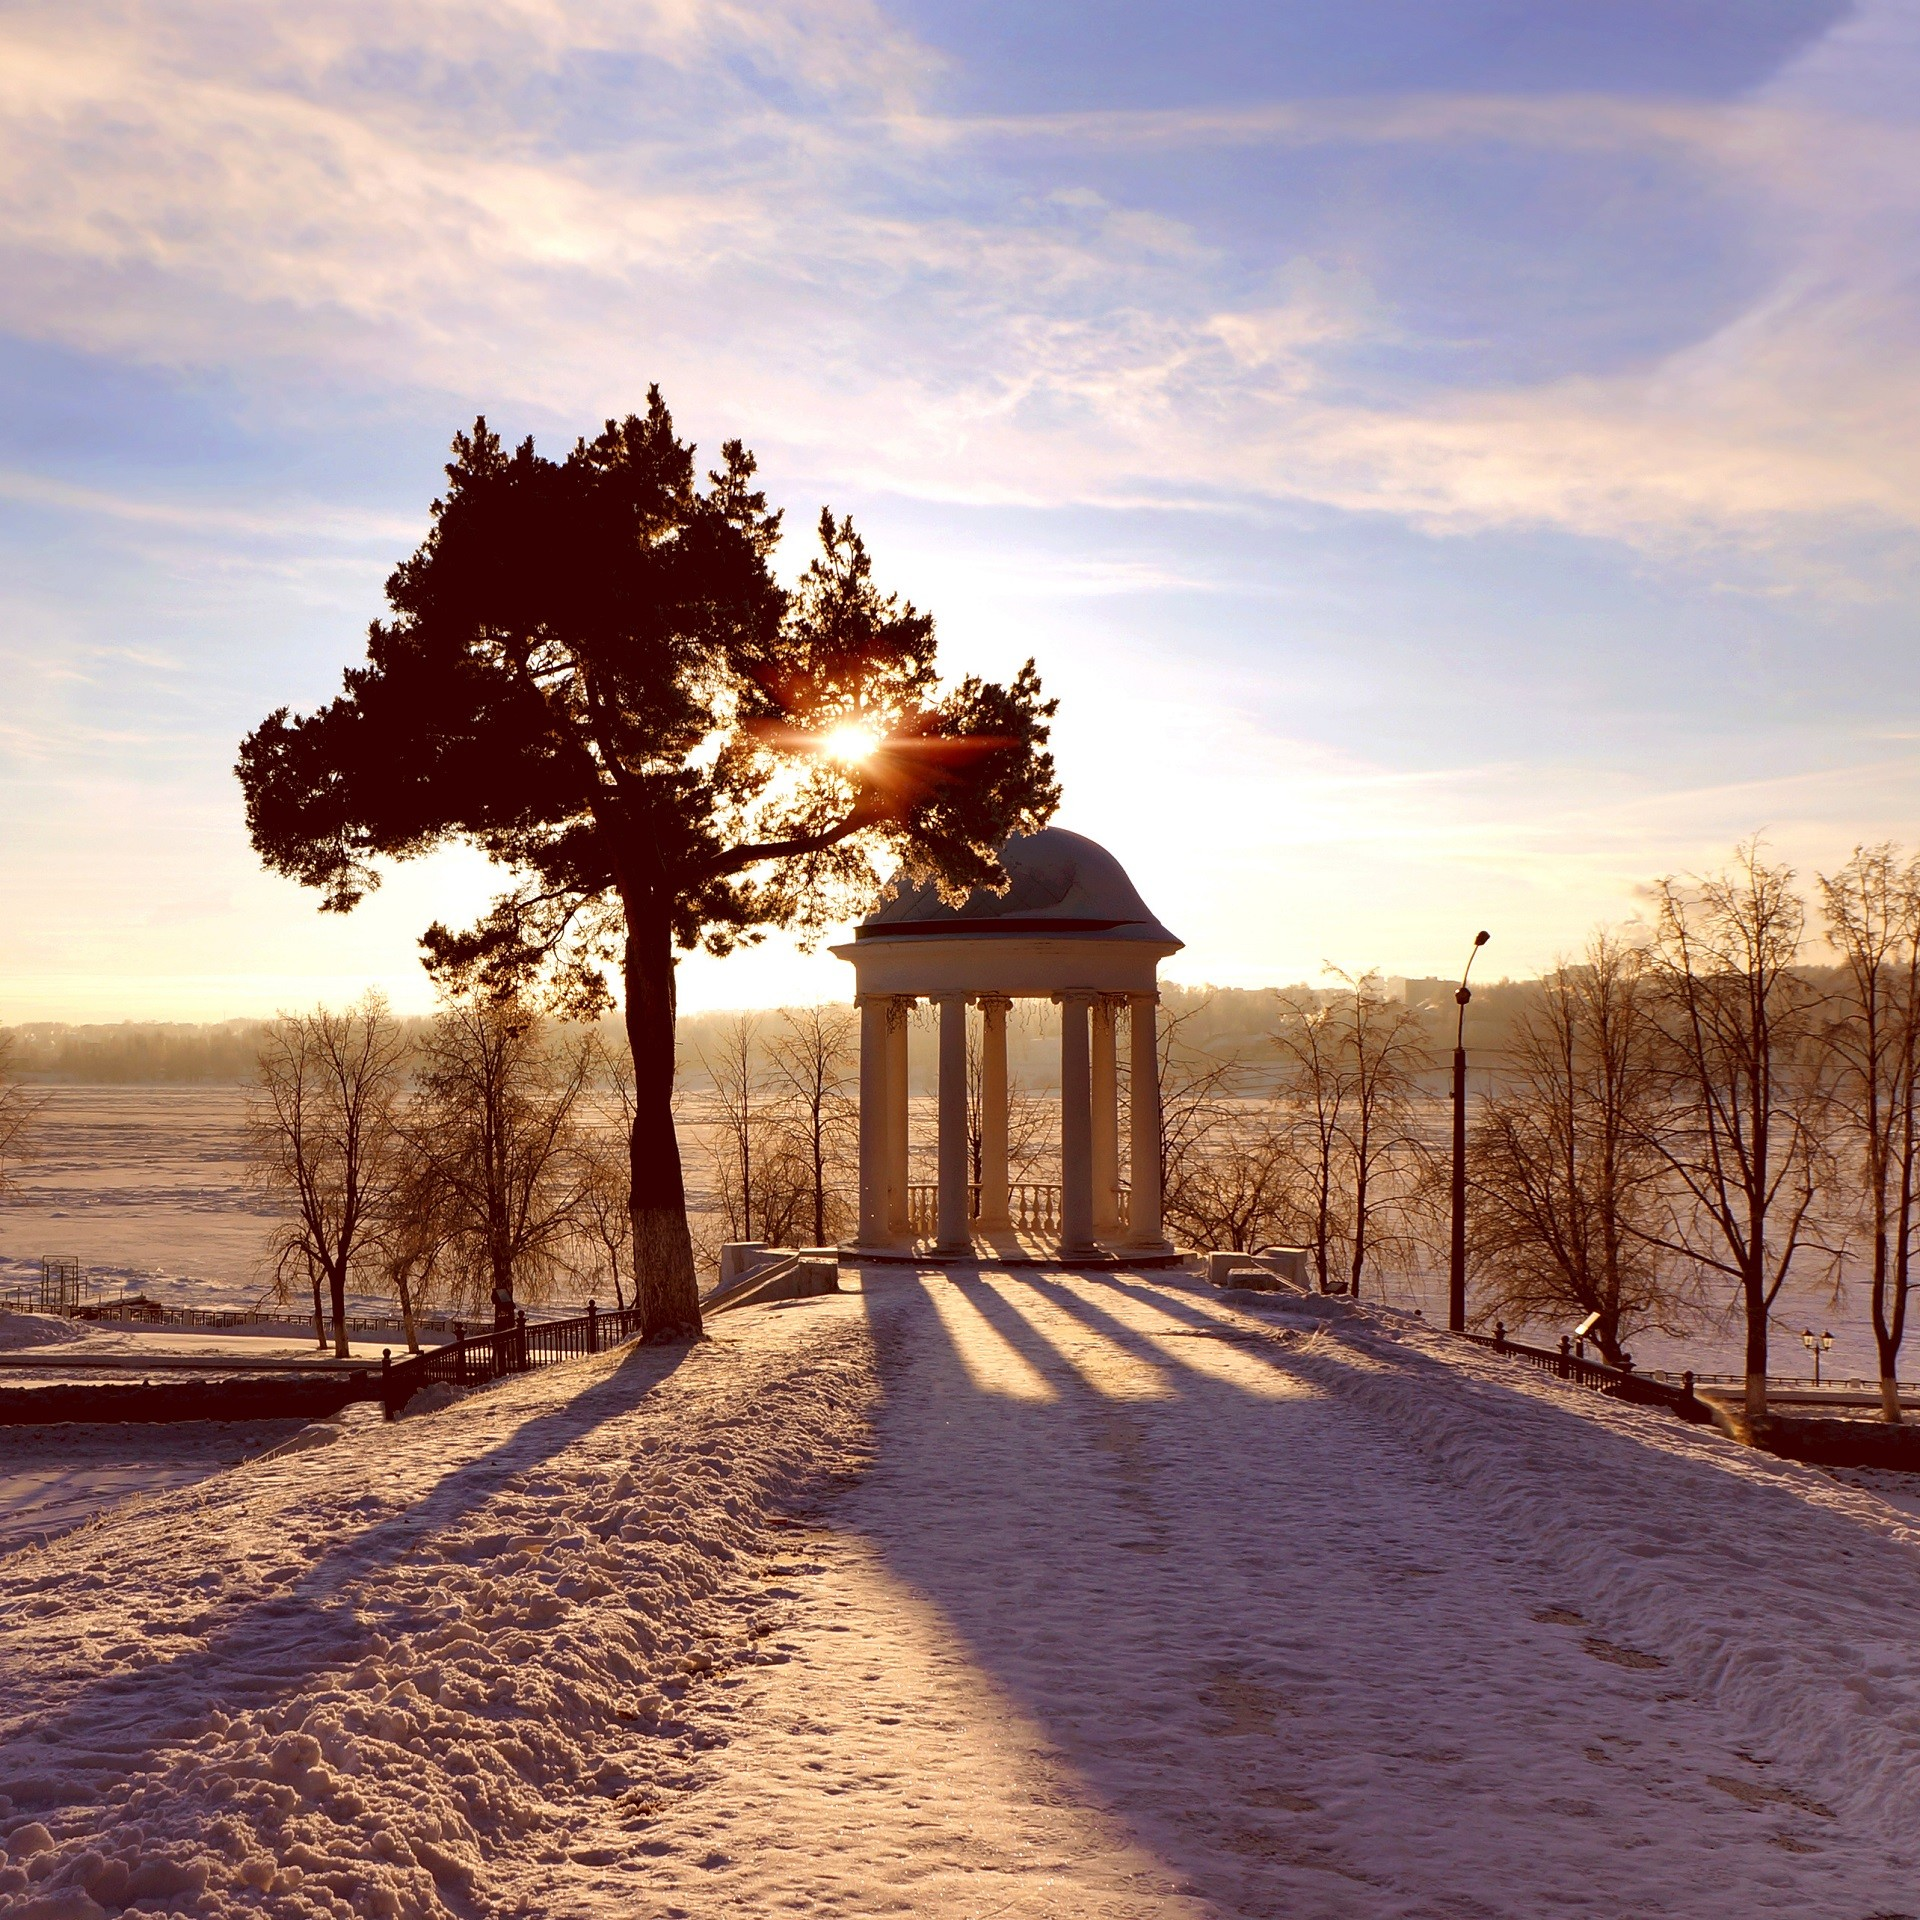 Pavilhão Ostróvski às margens do rio Volga